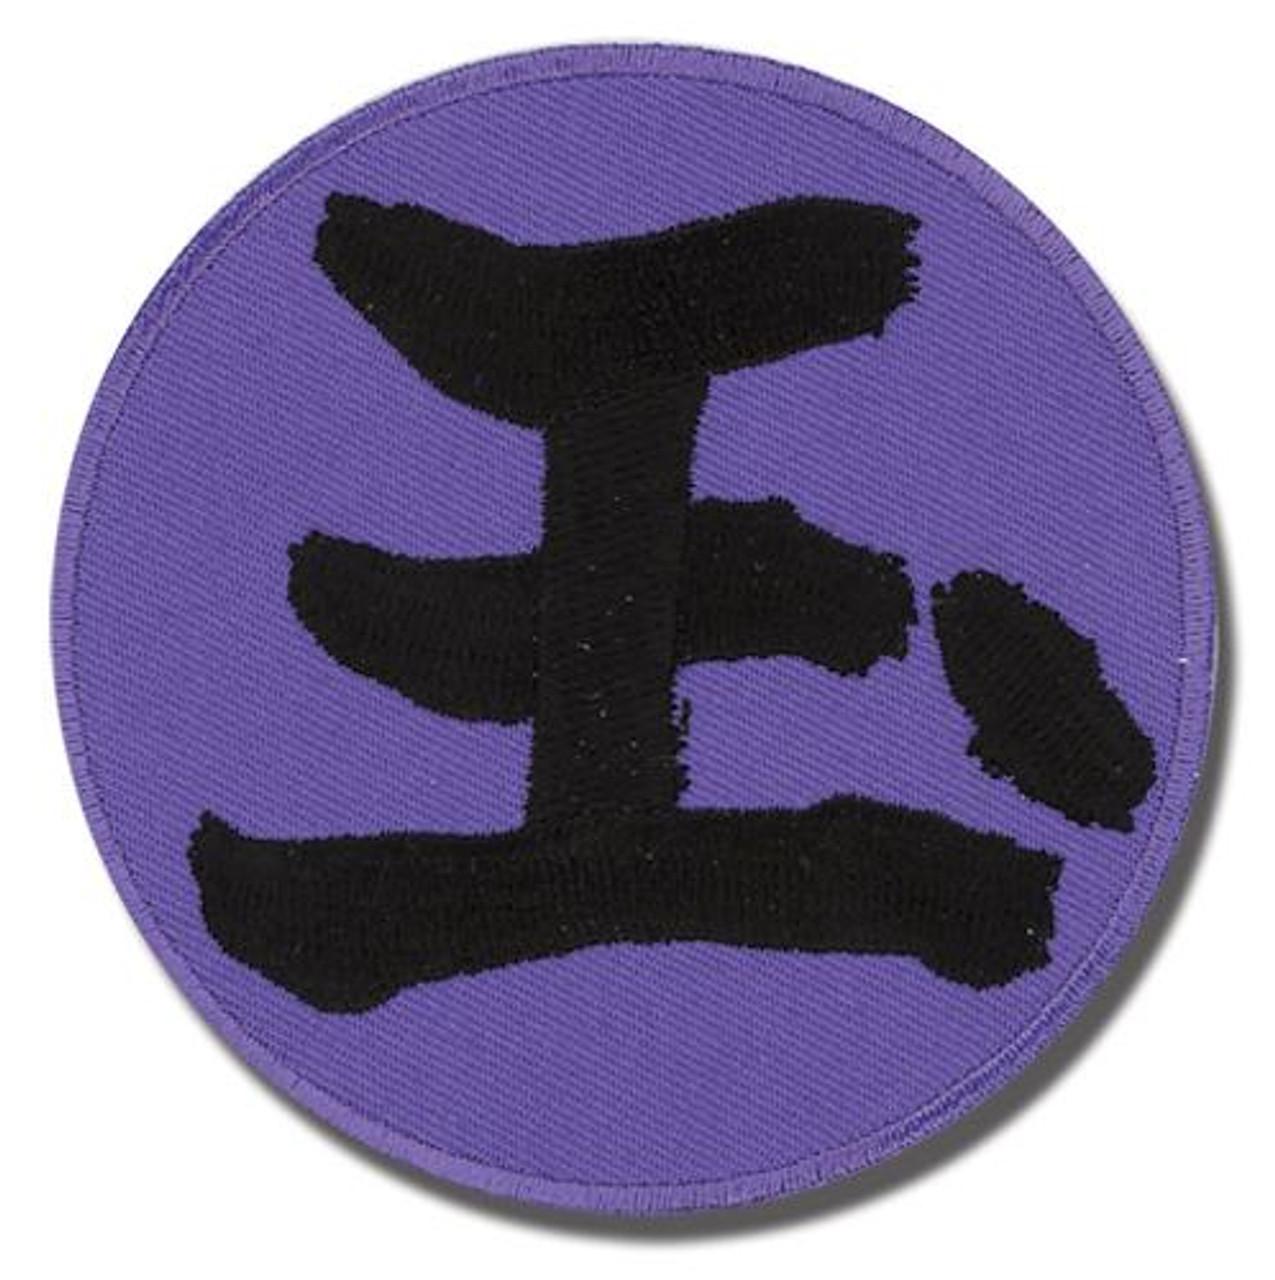 Naruto Shippuden Sasori Kanji Patch